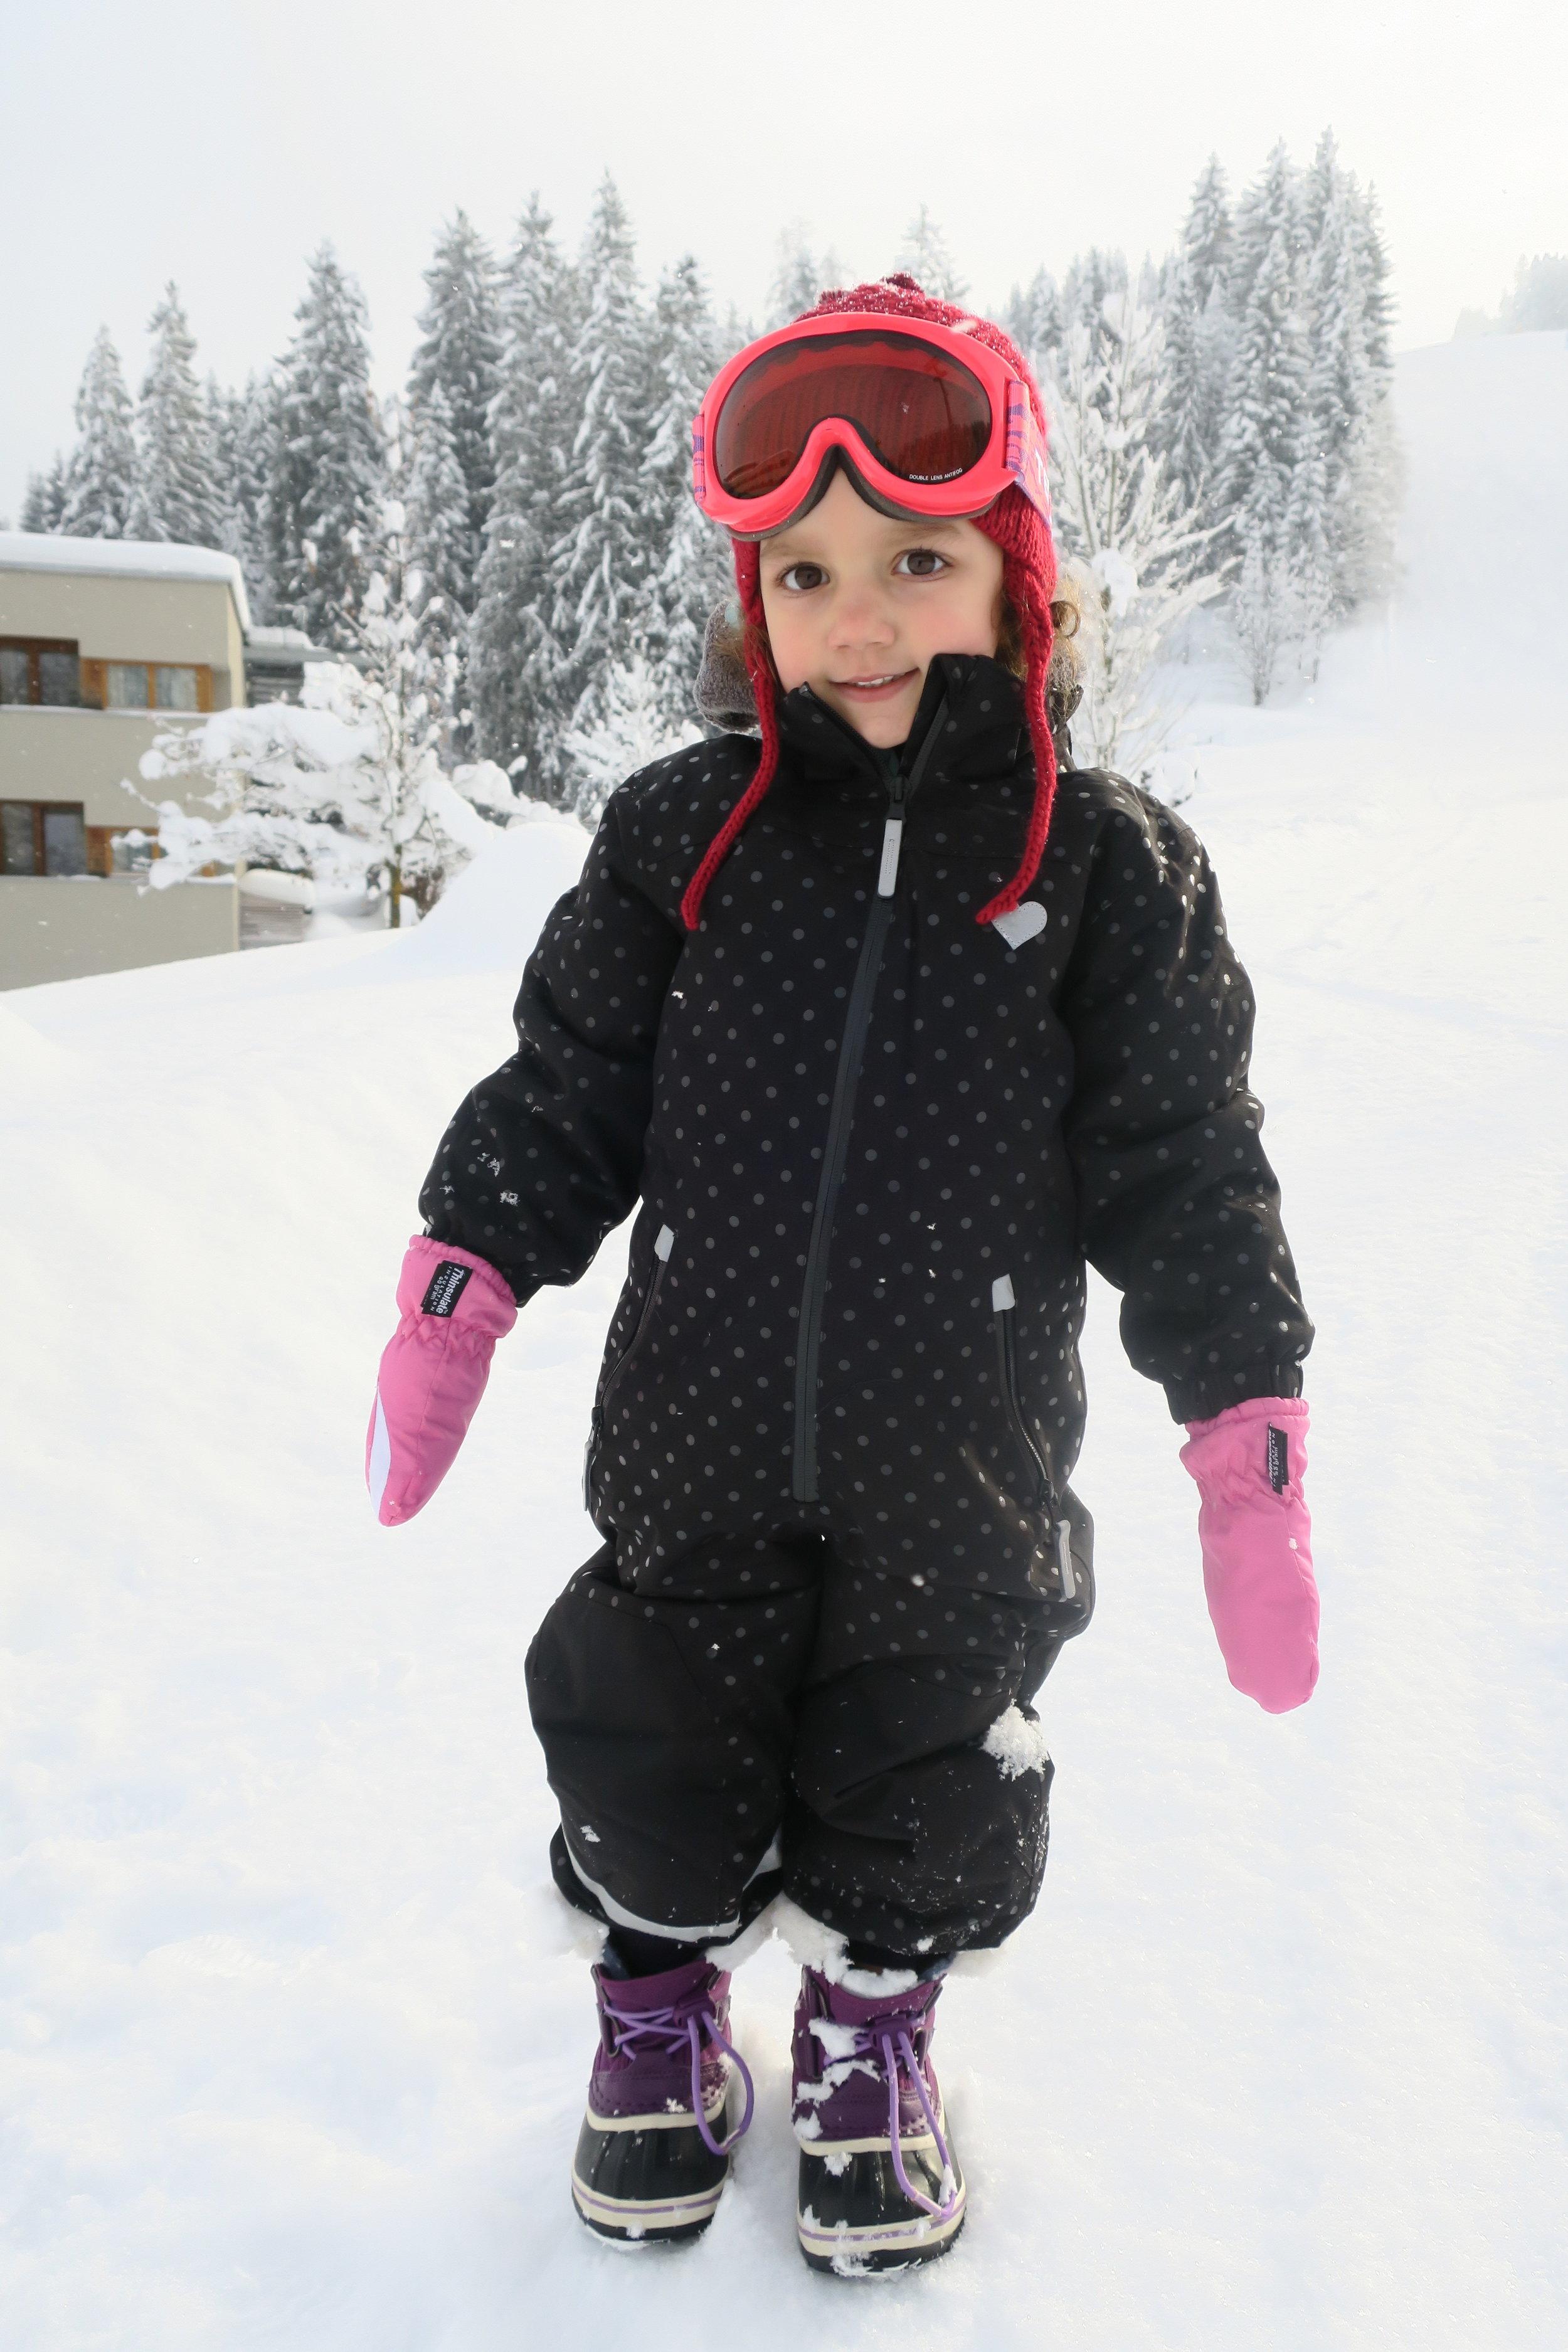 Olivia equipada para brincar na neve e o hotel no fundo